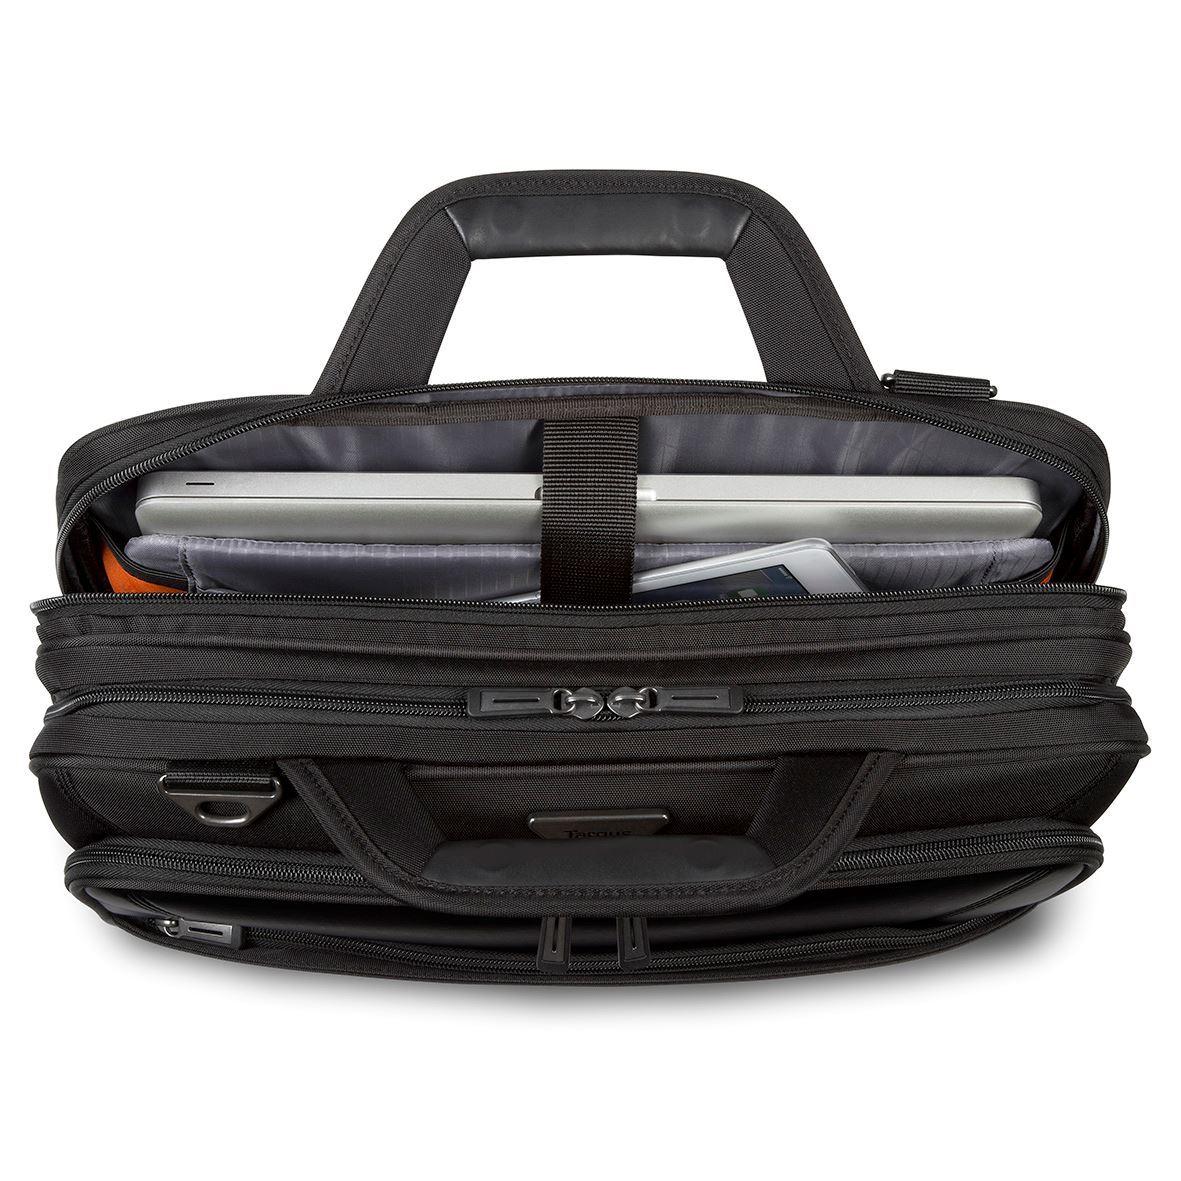 Mobile Vip 12 5 13 3 14 15 6 Large Topload Laptop Case Black